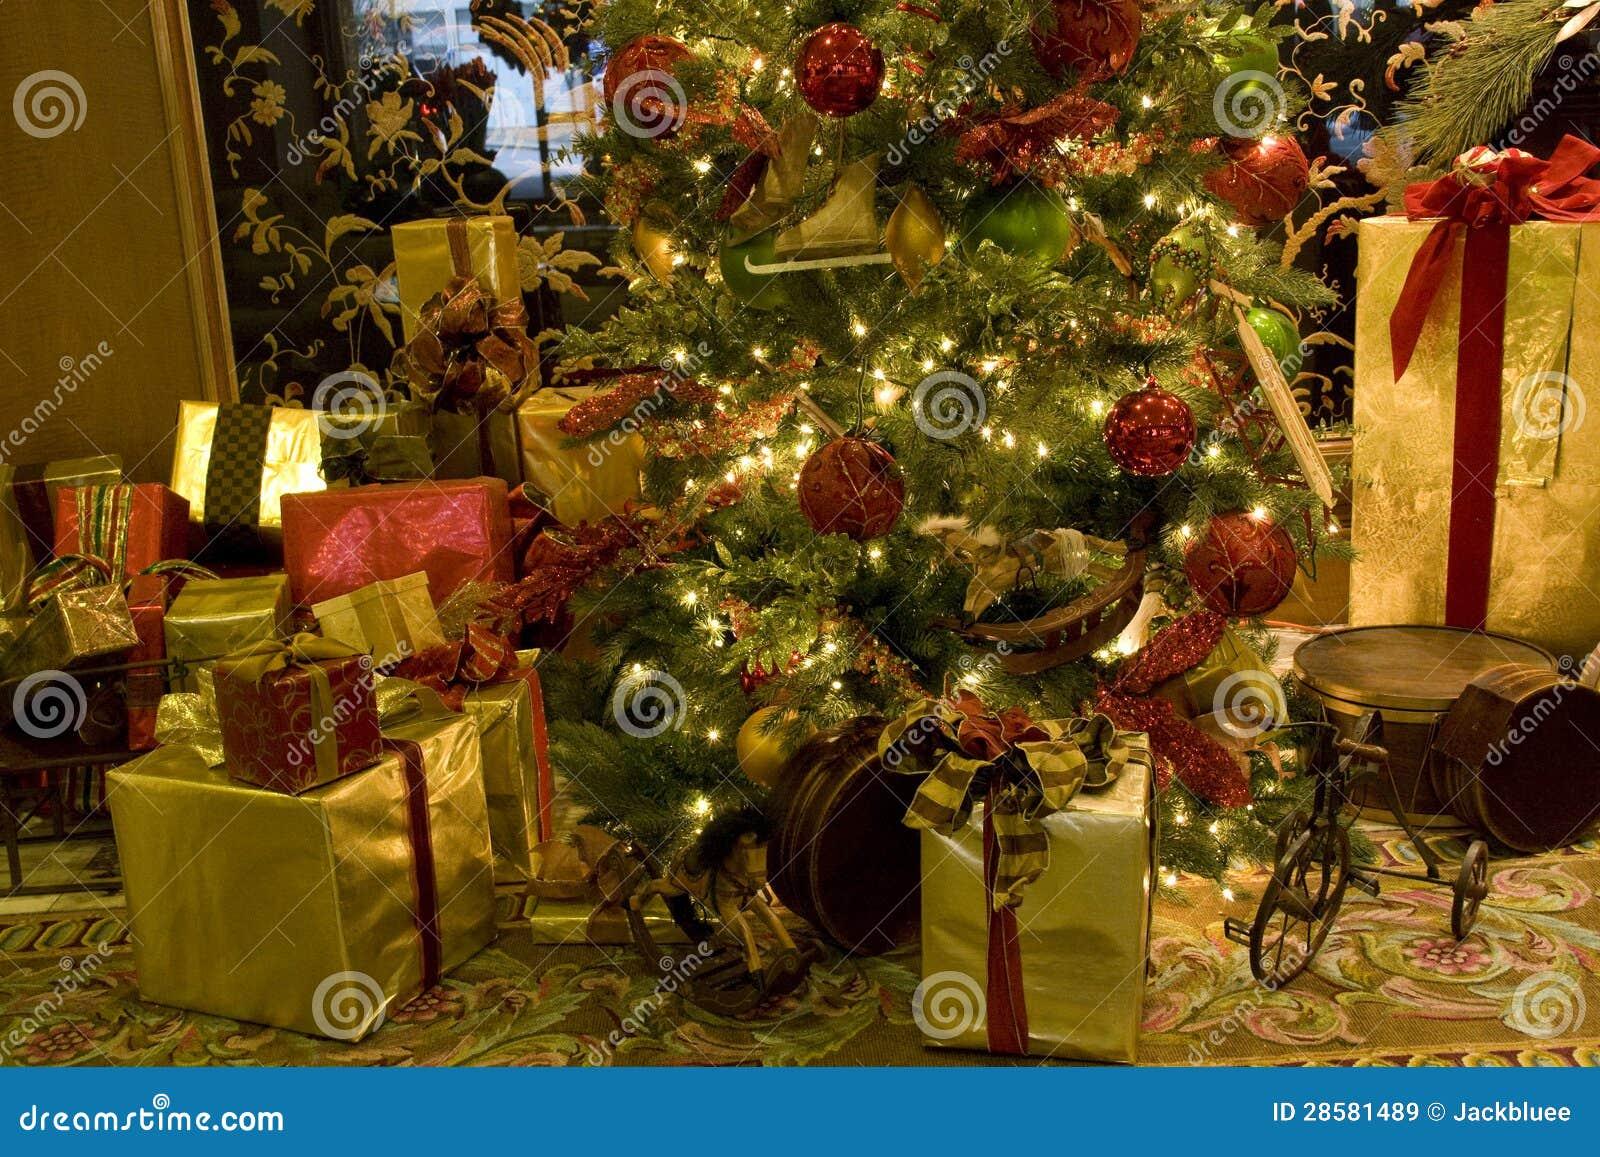 Immagini Natalizie Libere.Albero Di Natale Di Lusso Degli Interni Immagine Stock Immagine Di Regali Luce 28581489